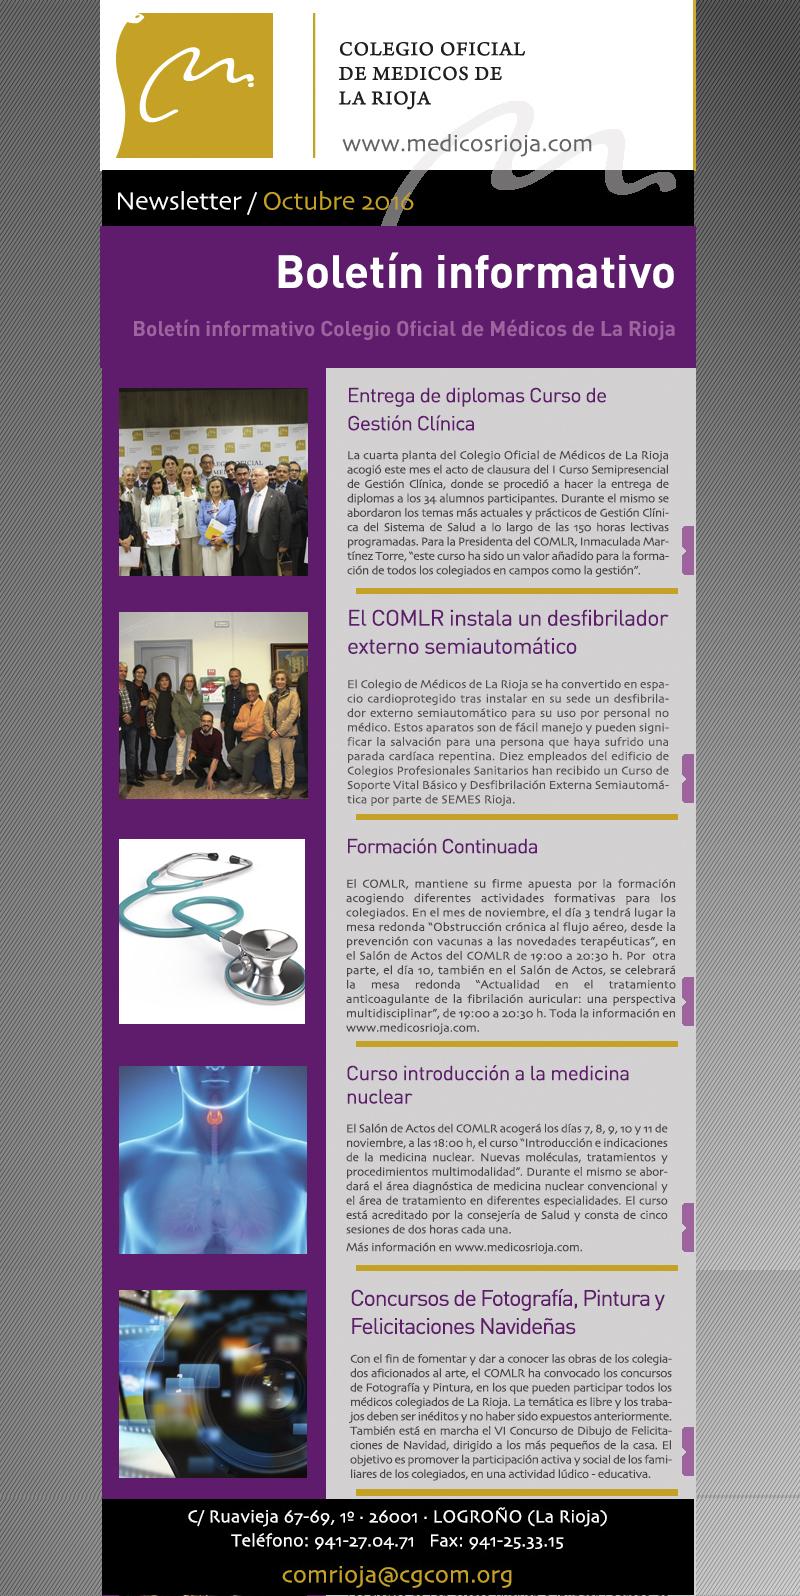 Newsletter de octubre del Colego Oficial de Médicos de La Rioja